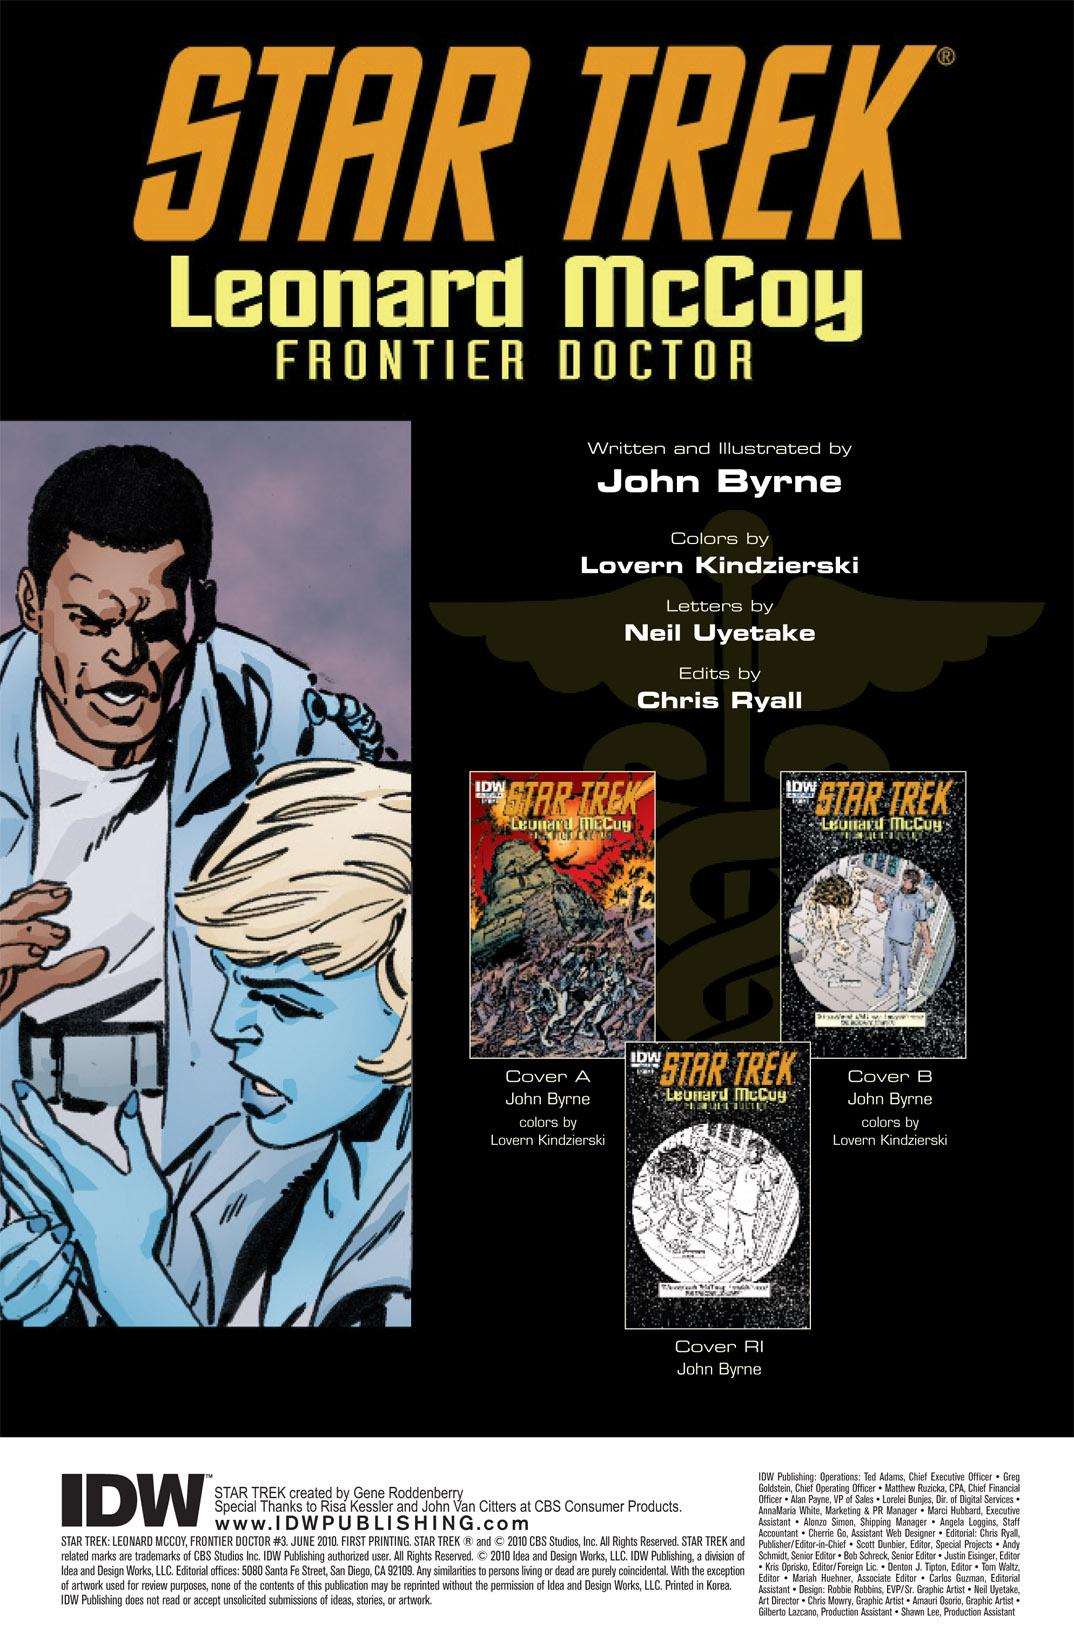 Read online Star Trek: Leonard McCoy, Frontier Doctor comic -  Issue #3 - 4